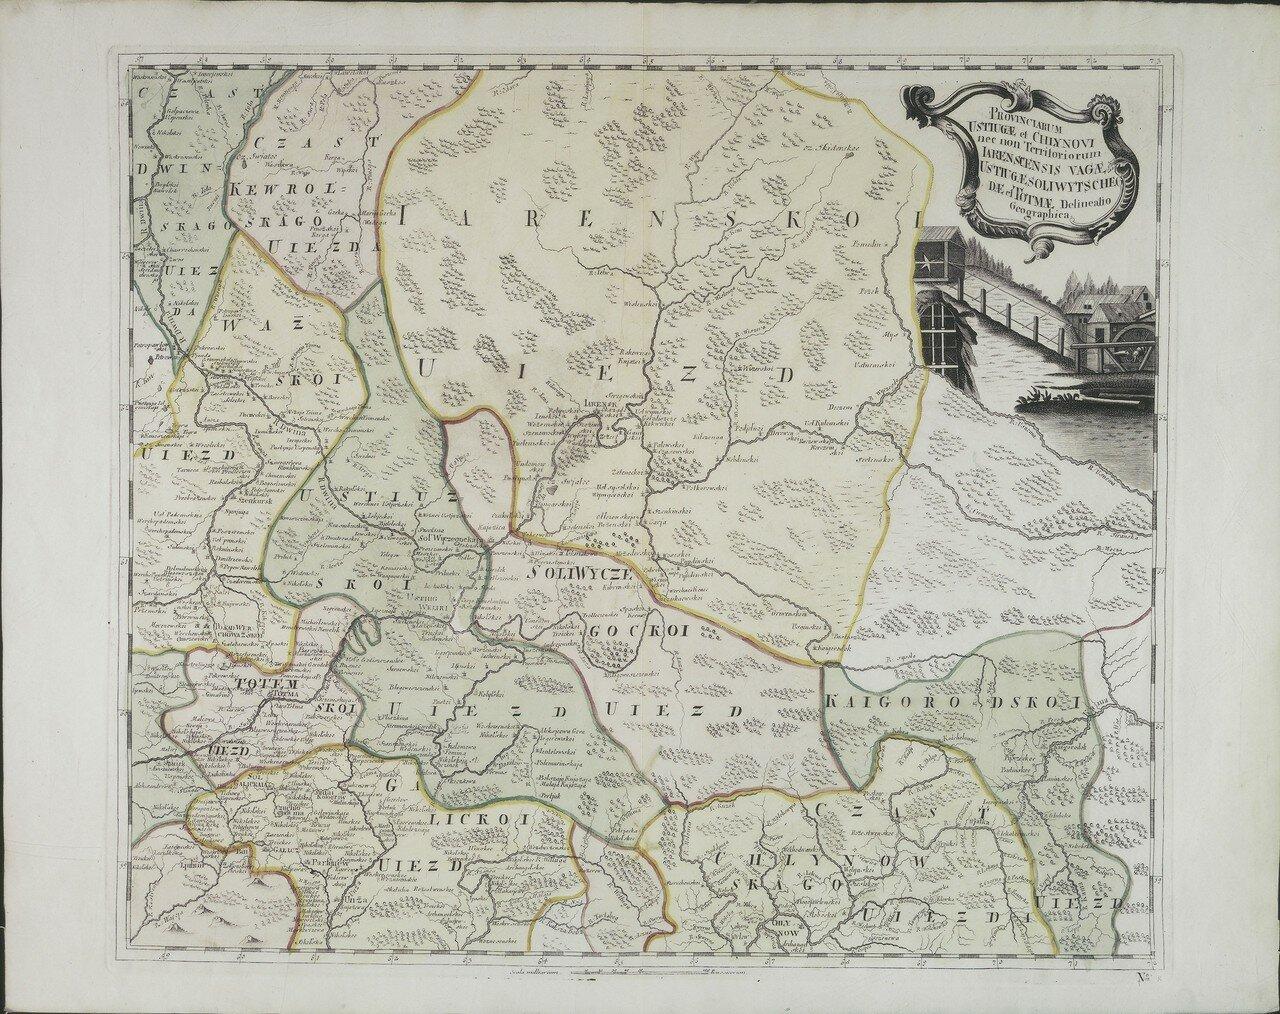 1745. Карта земель Устюга, Сольвычегодска и Тотьмы